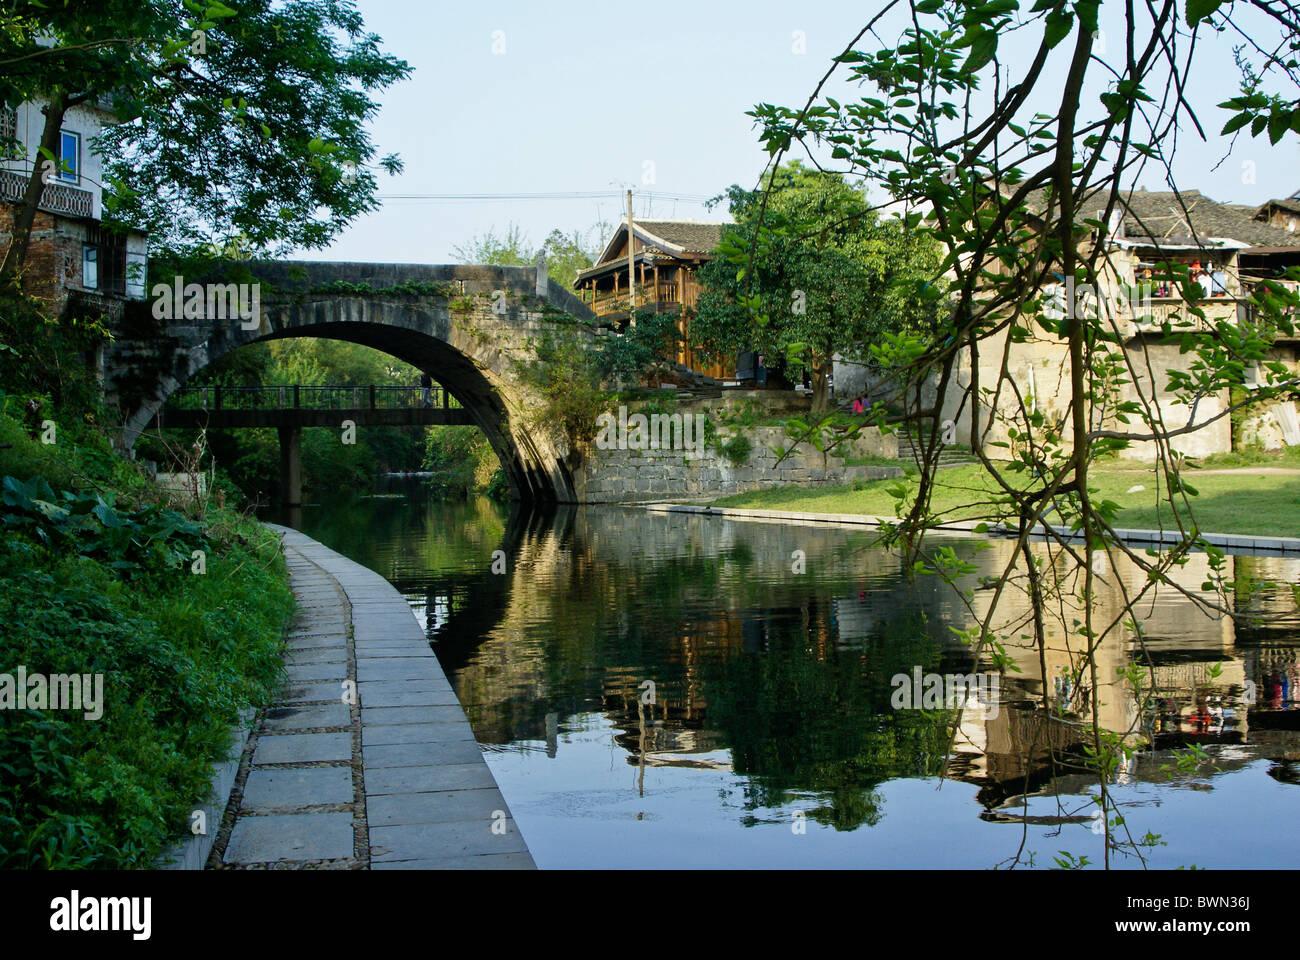 Longevity Bridge, Daxu ancient town, Guangxi, China - Stock Image